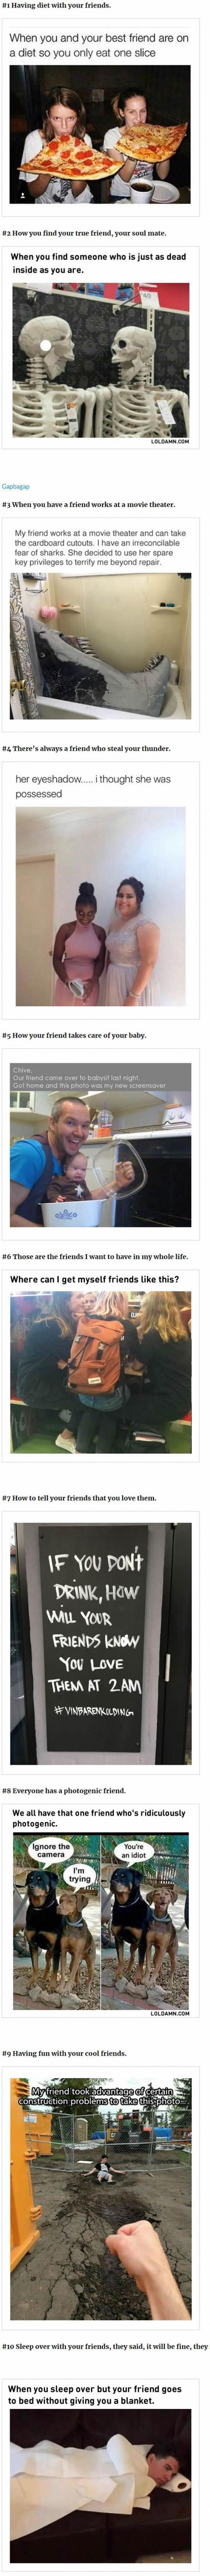 10 Fresh Friend Memes